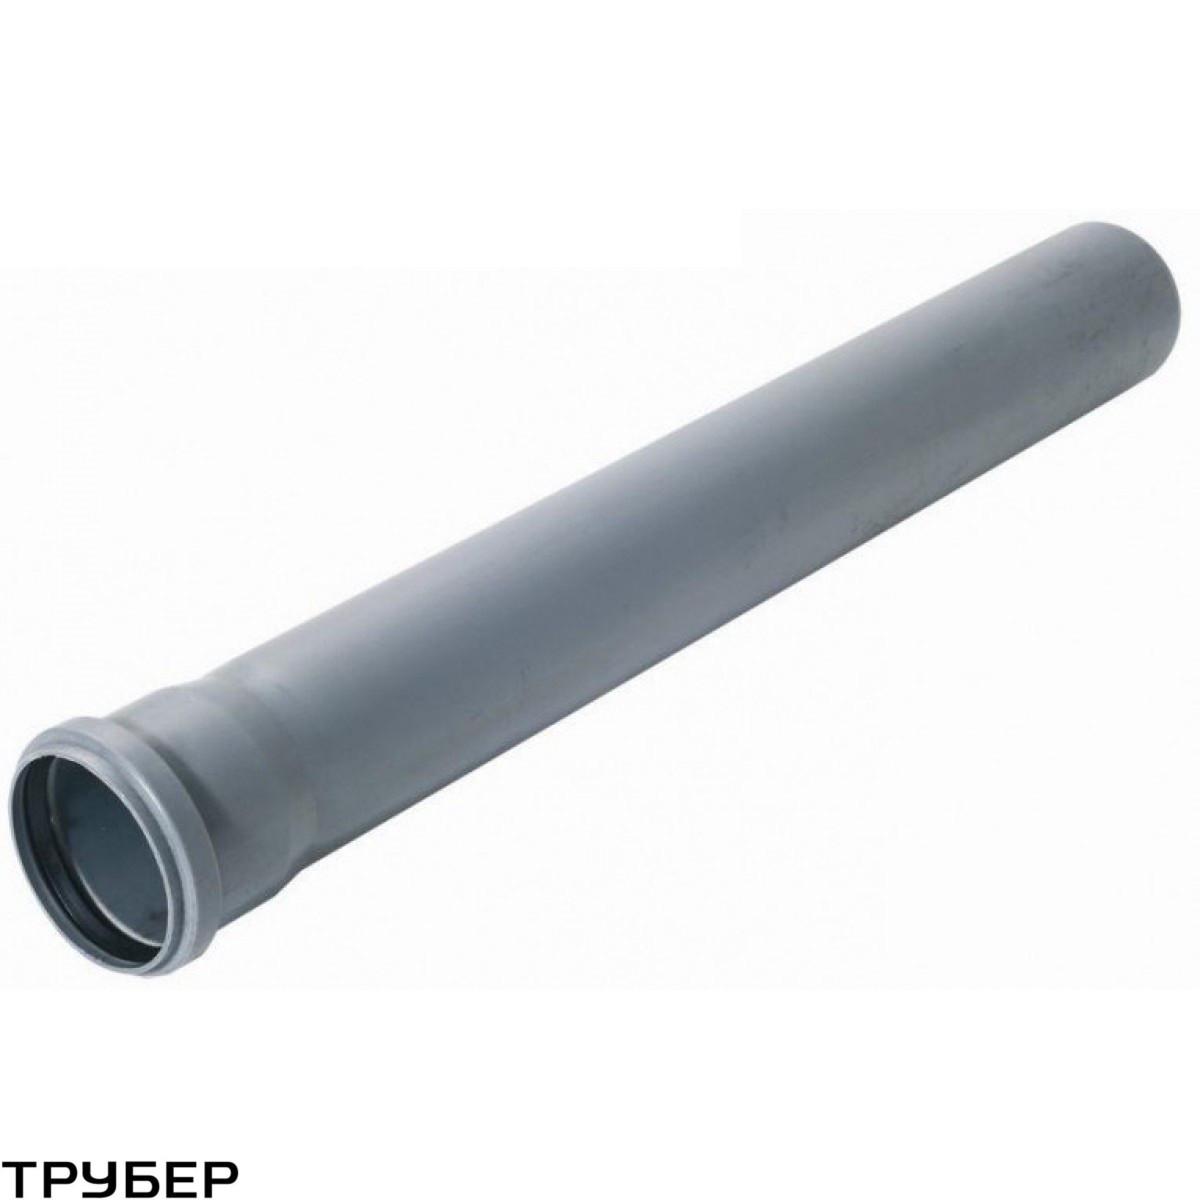 Труба ПП 50*3000 3-х шаровая для внутренней канализации Инсталпласт